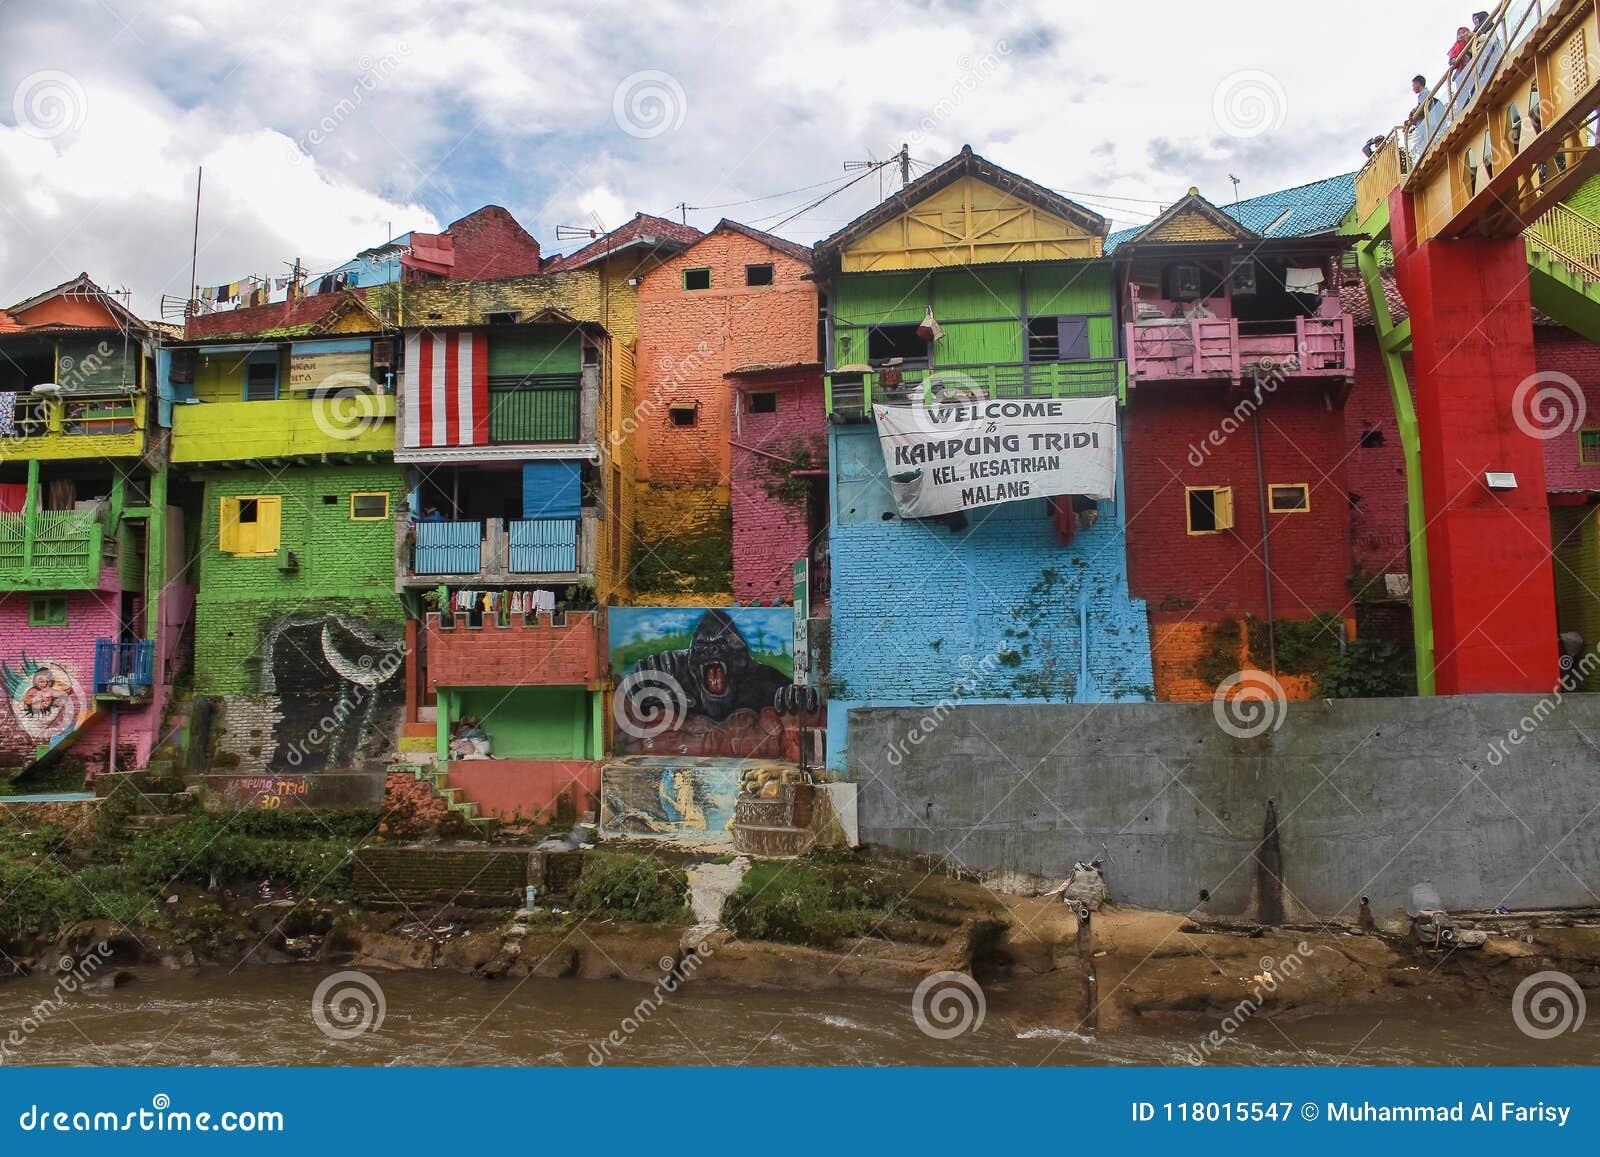 Kampung Warna Warni Kota Malang